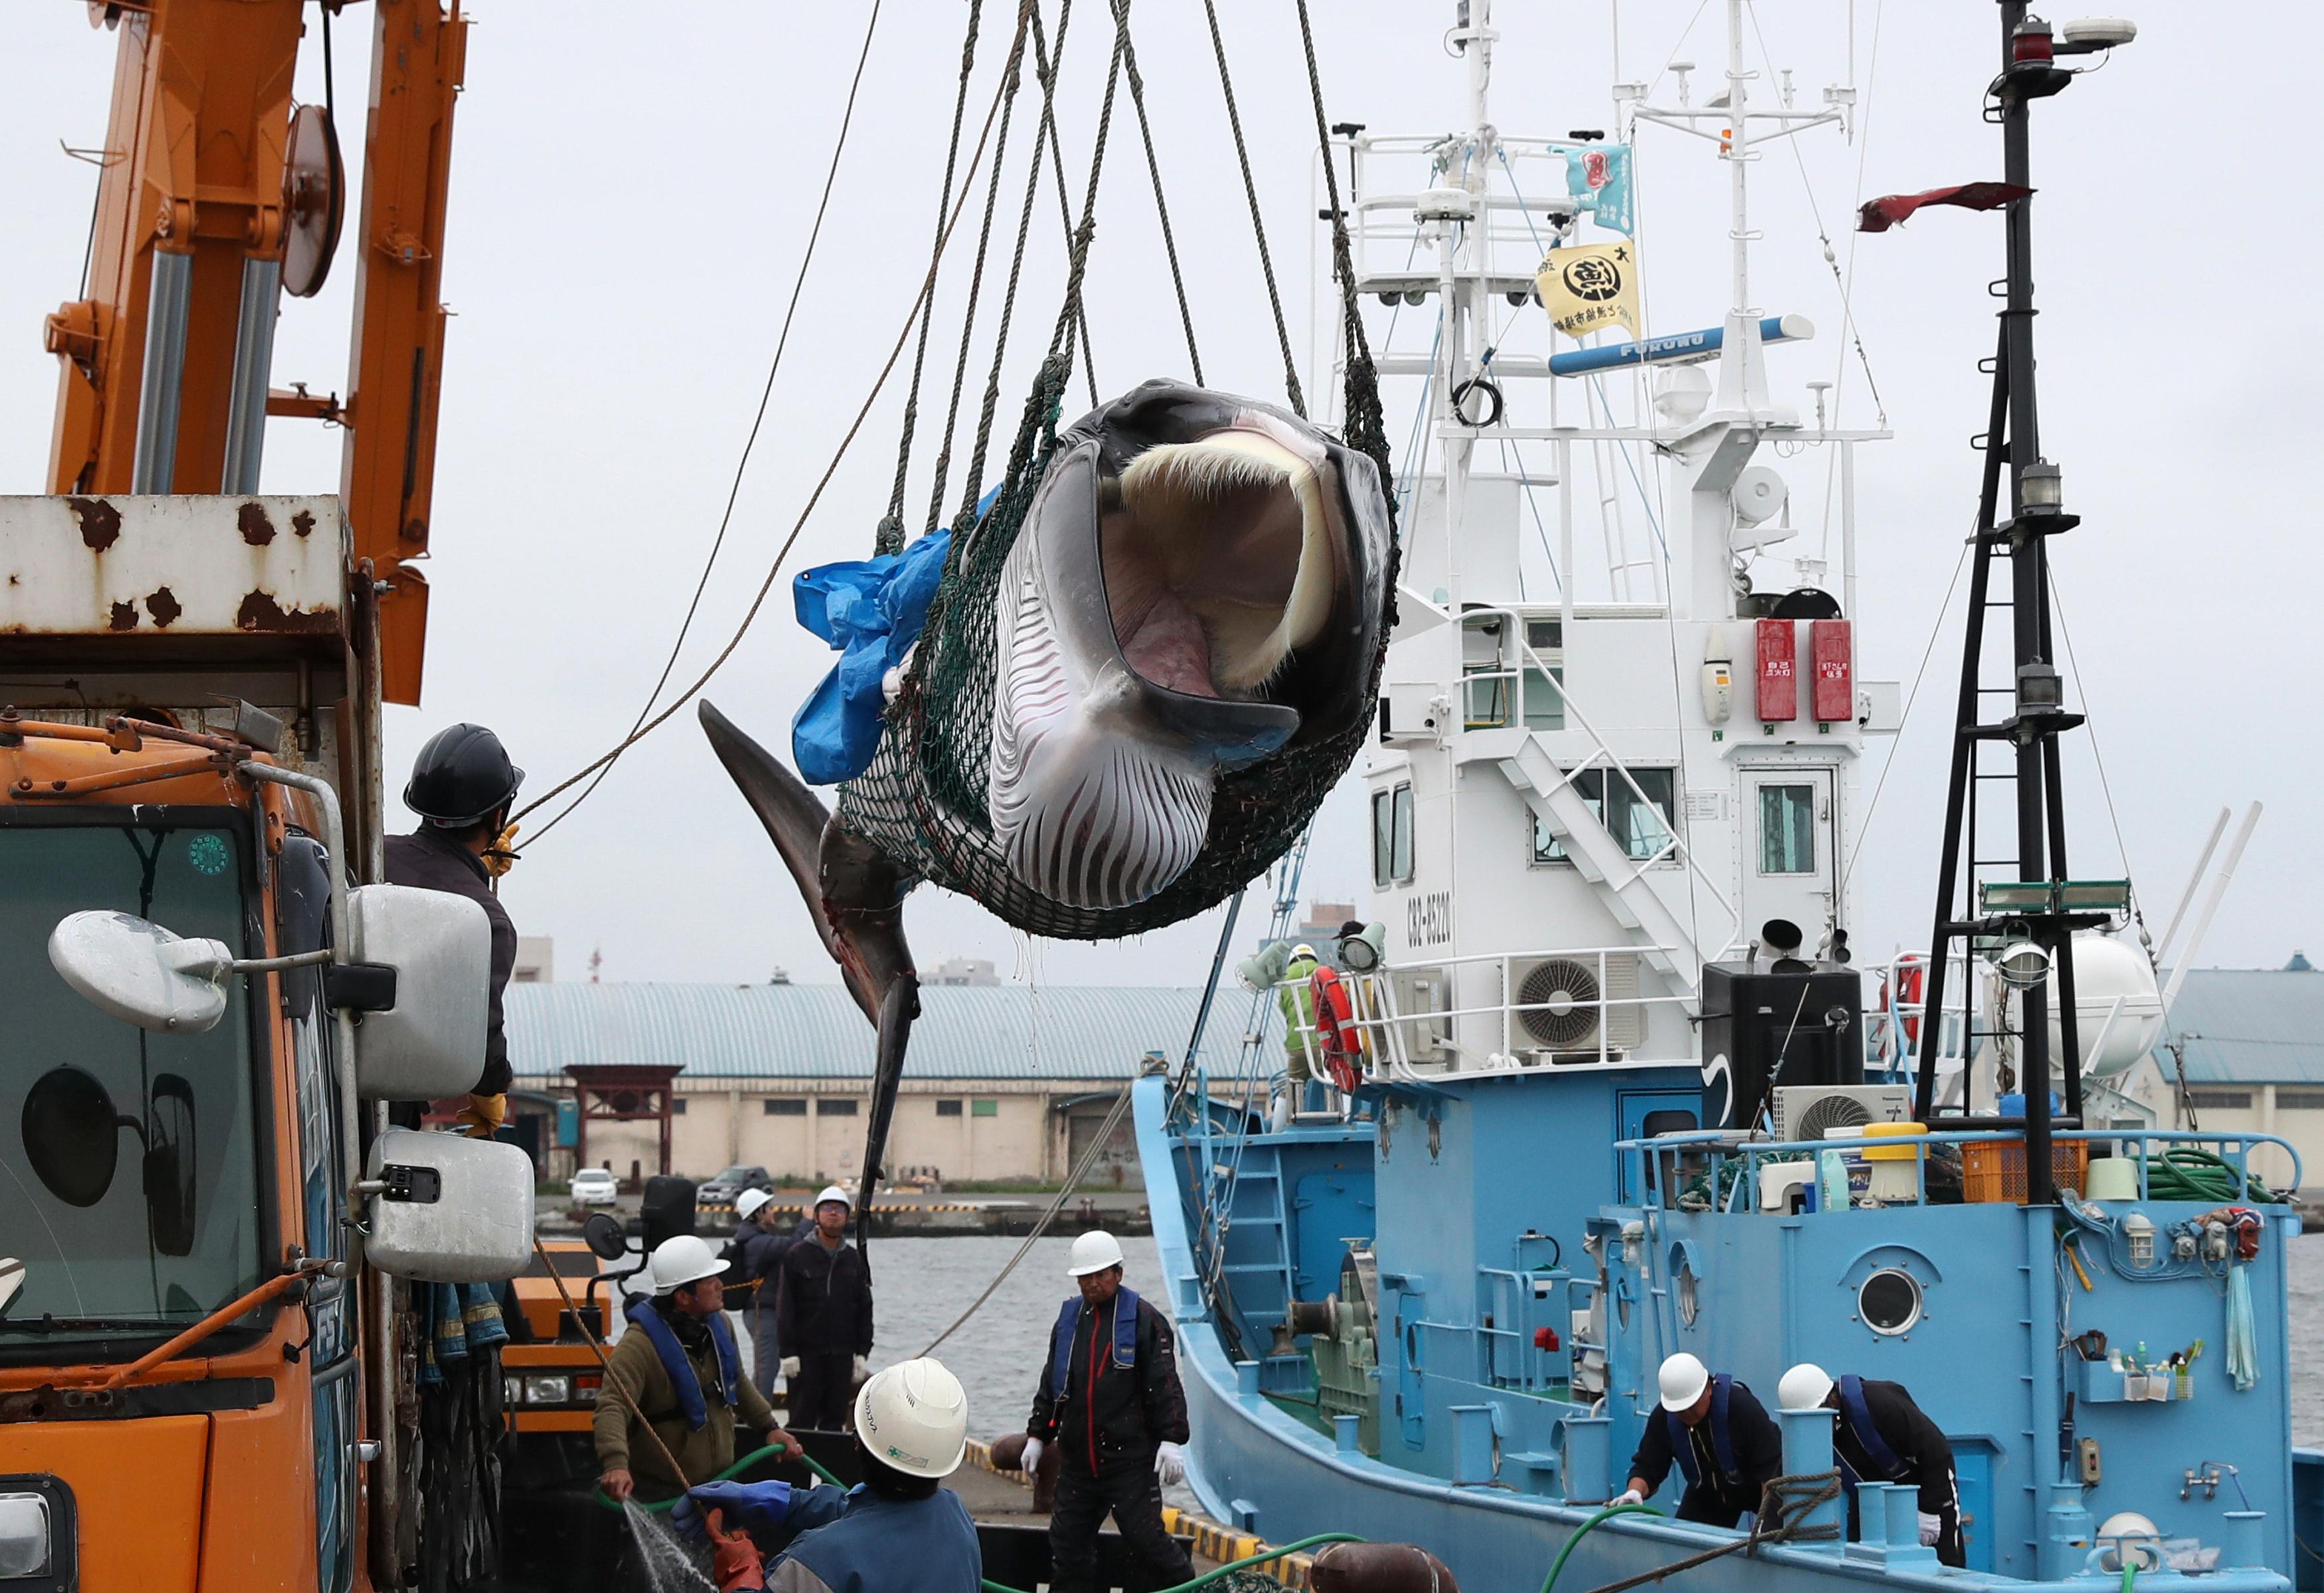 Oroszország betiltja a bálnák kereskedelmi célú vadászatát - krónika